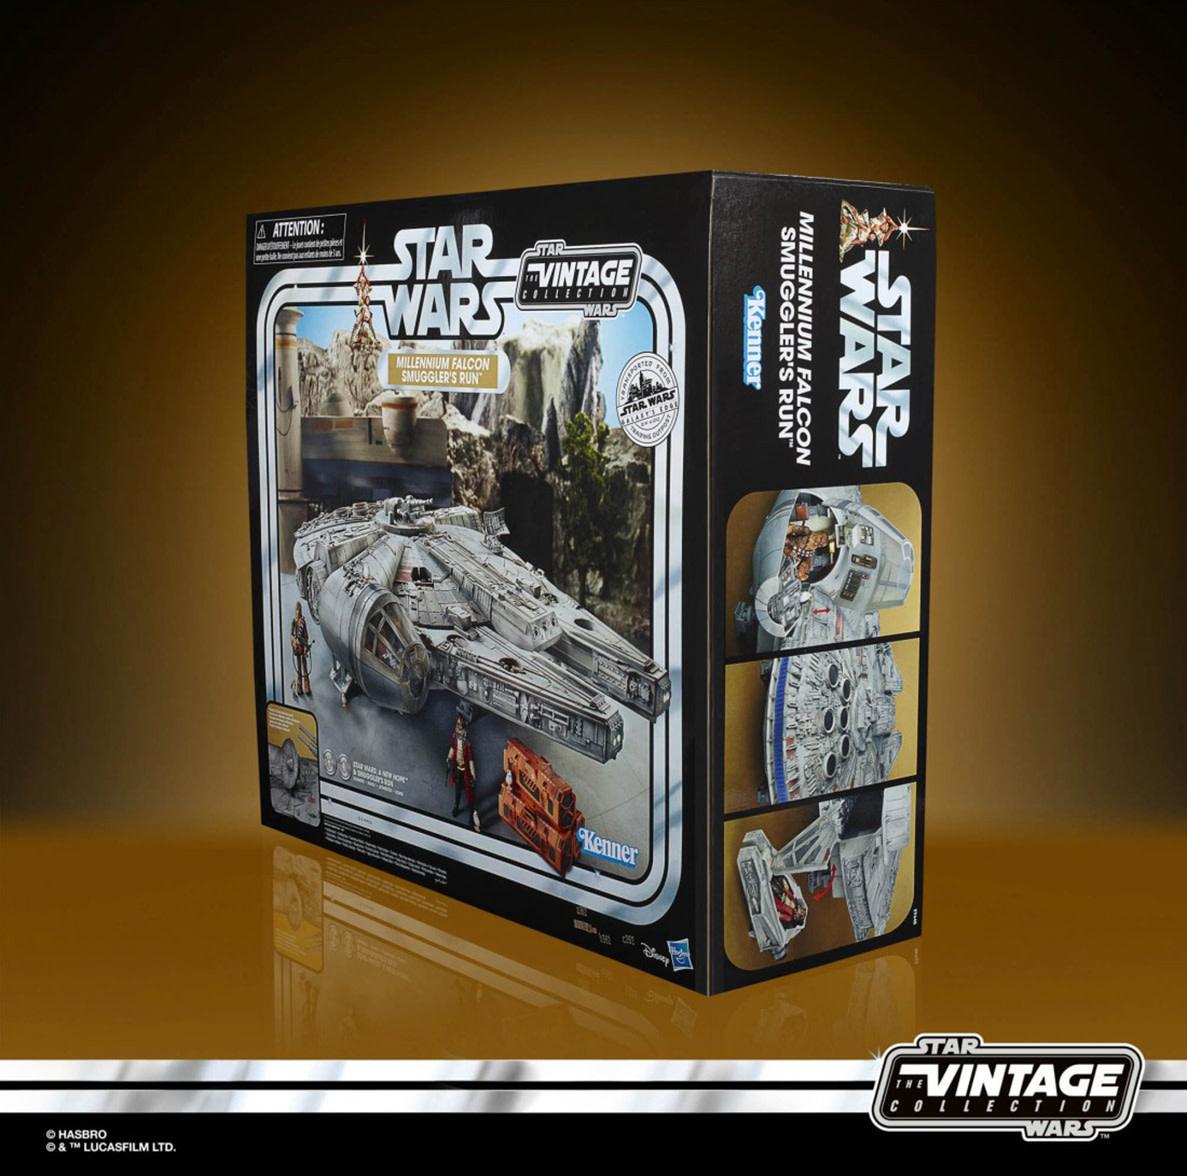 HASBRO Star Wars Vintage Collection - Galaxy's Edge Millennium Falcon Smuggler's Run